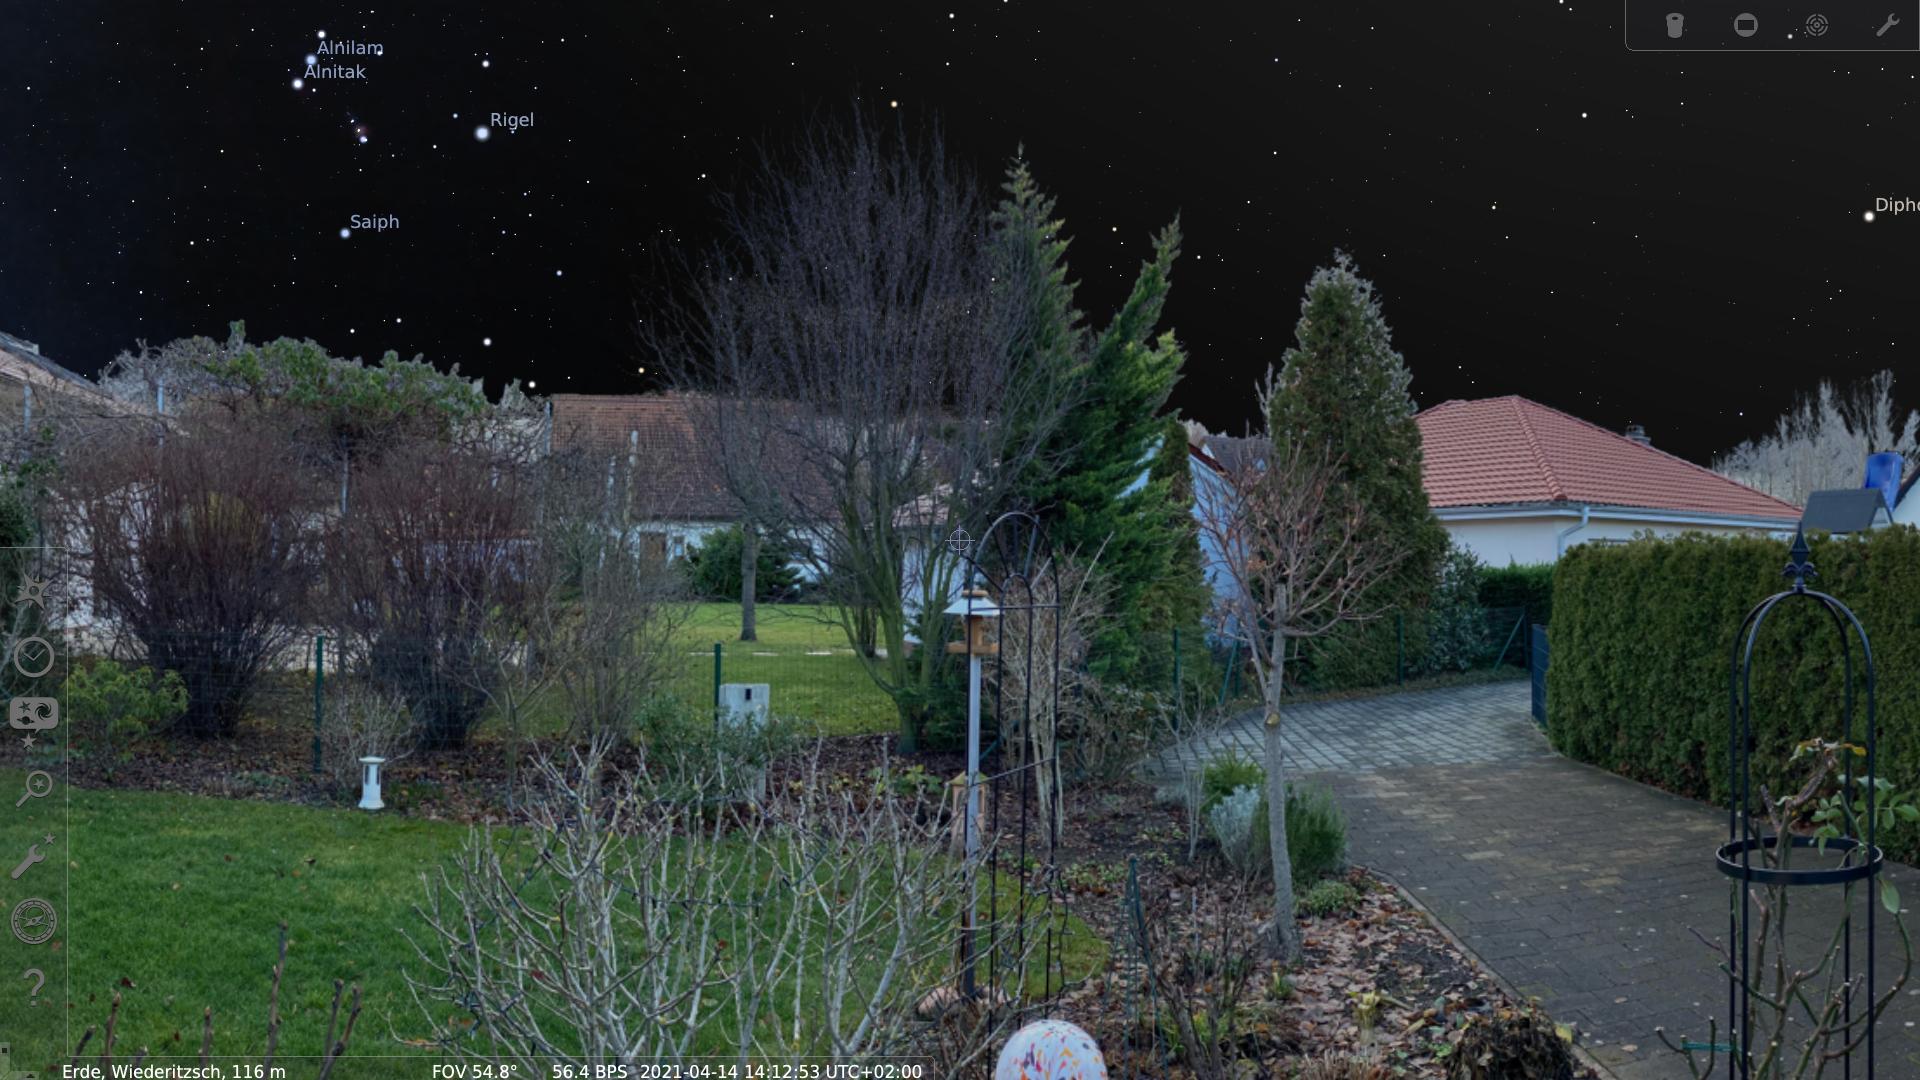 Bildschirmfoto 2021-04-14 um 14.12.53.png